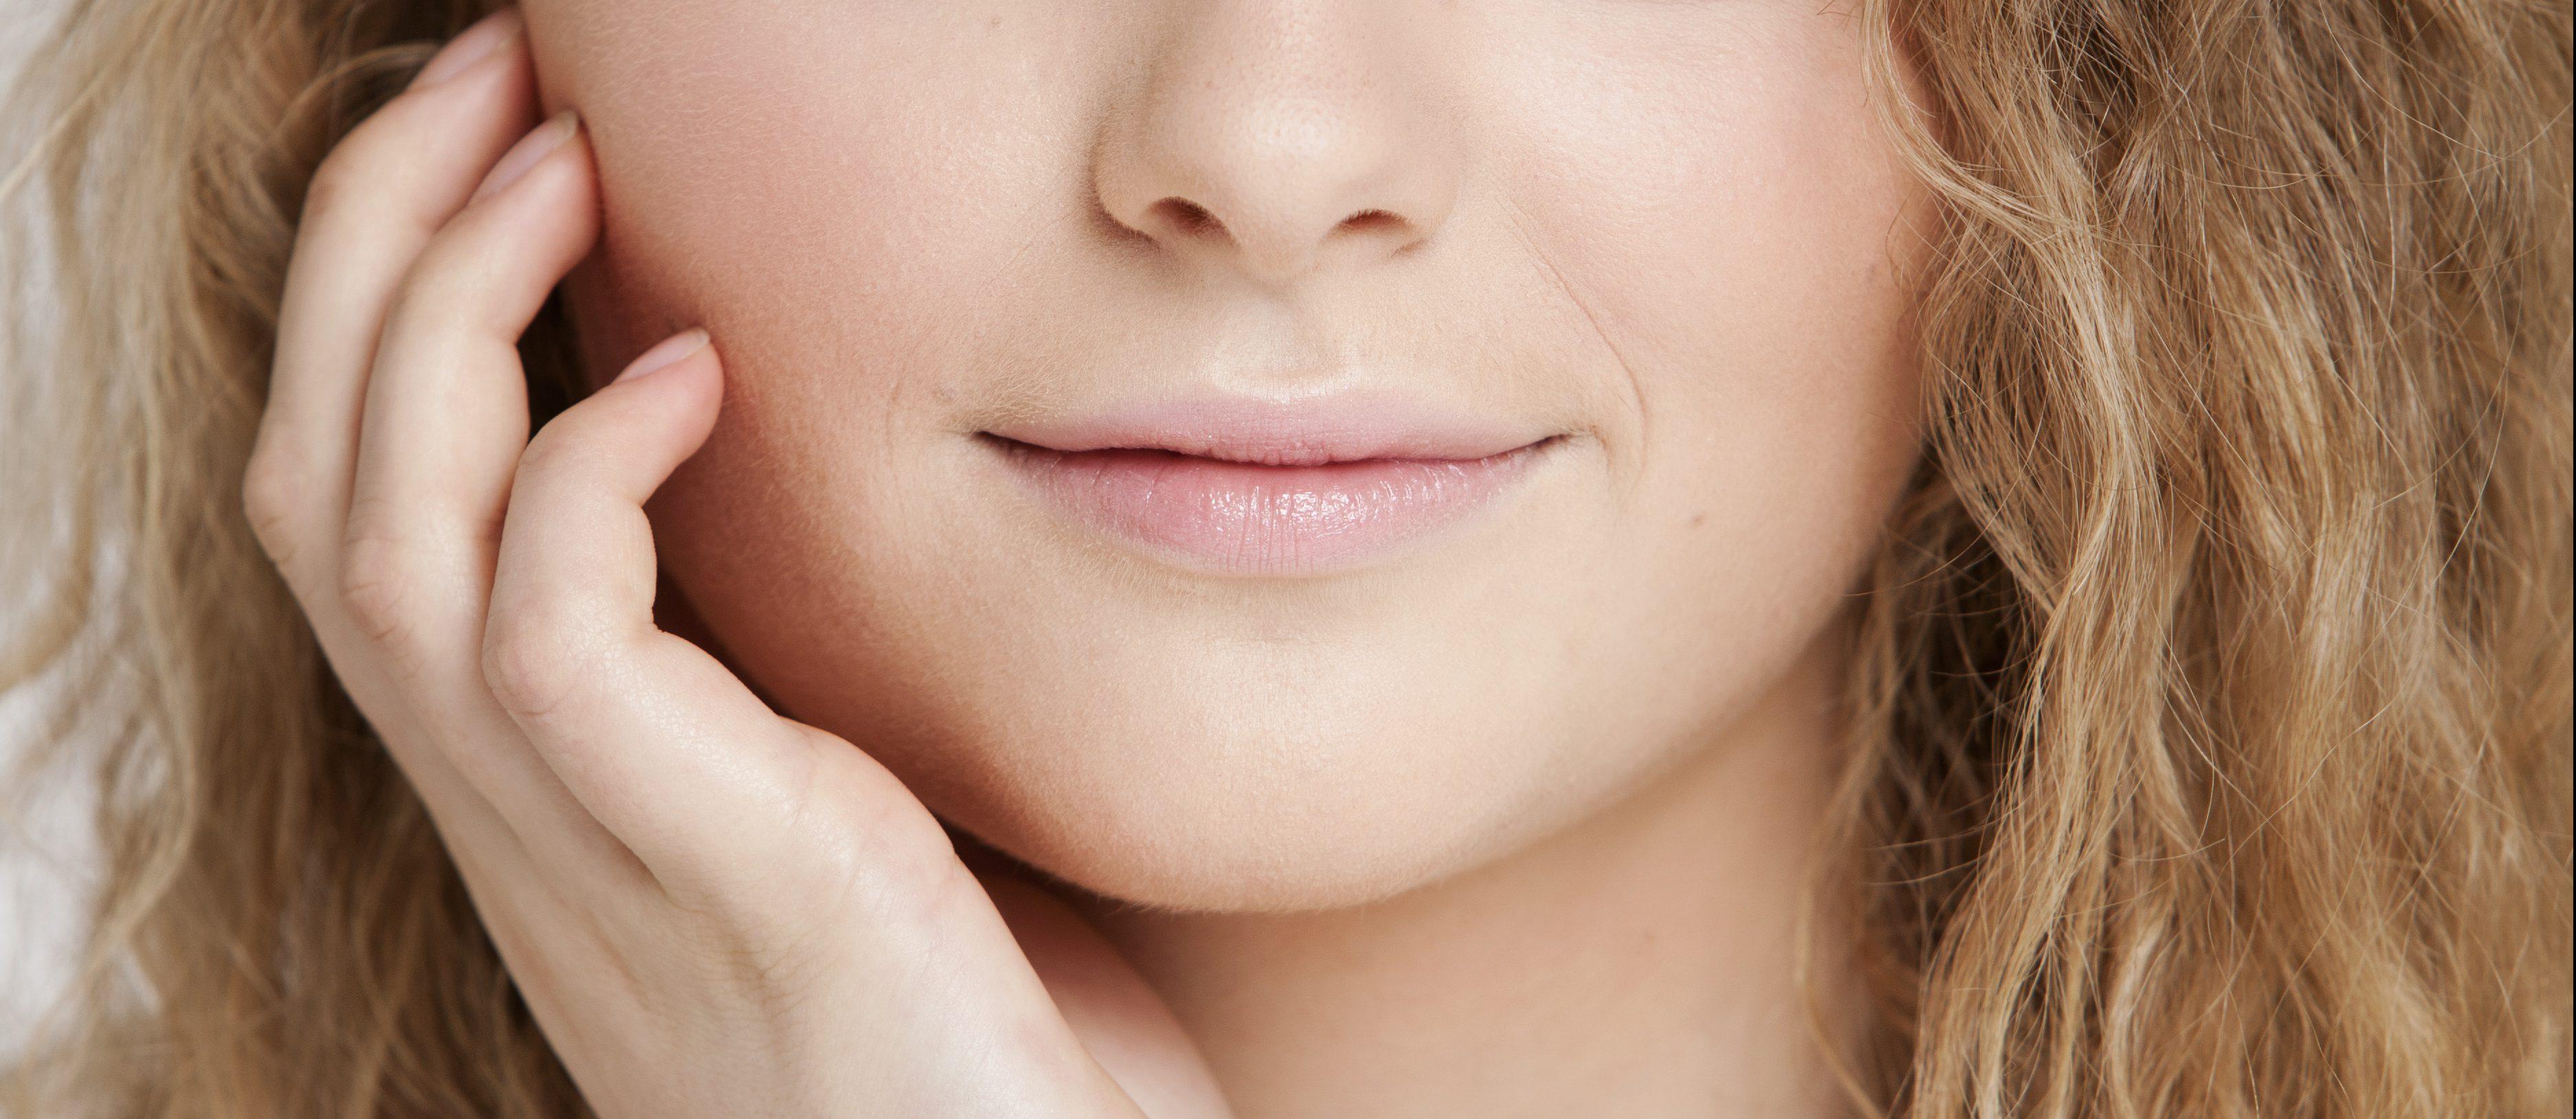 Afhangende mondhoeken behandelen